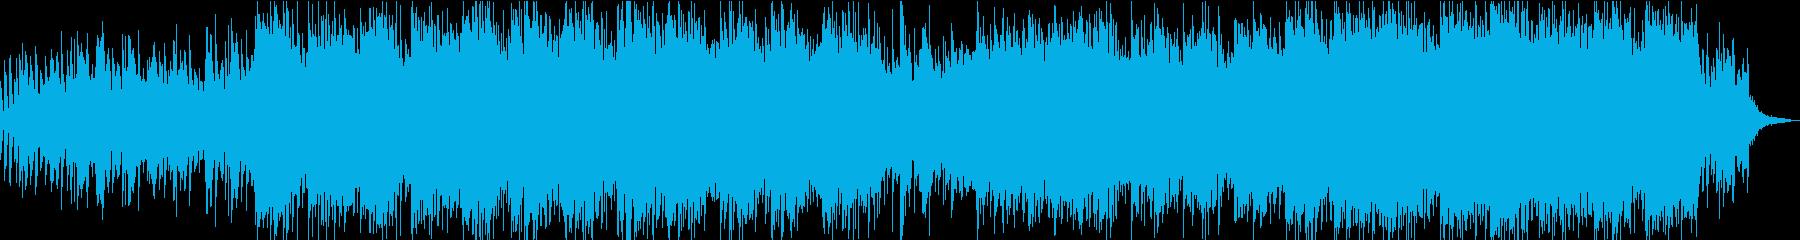 ポップ テクノ モダン アンビエン...の再生済みの波形